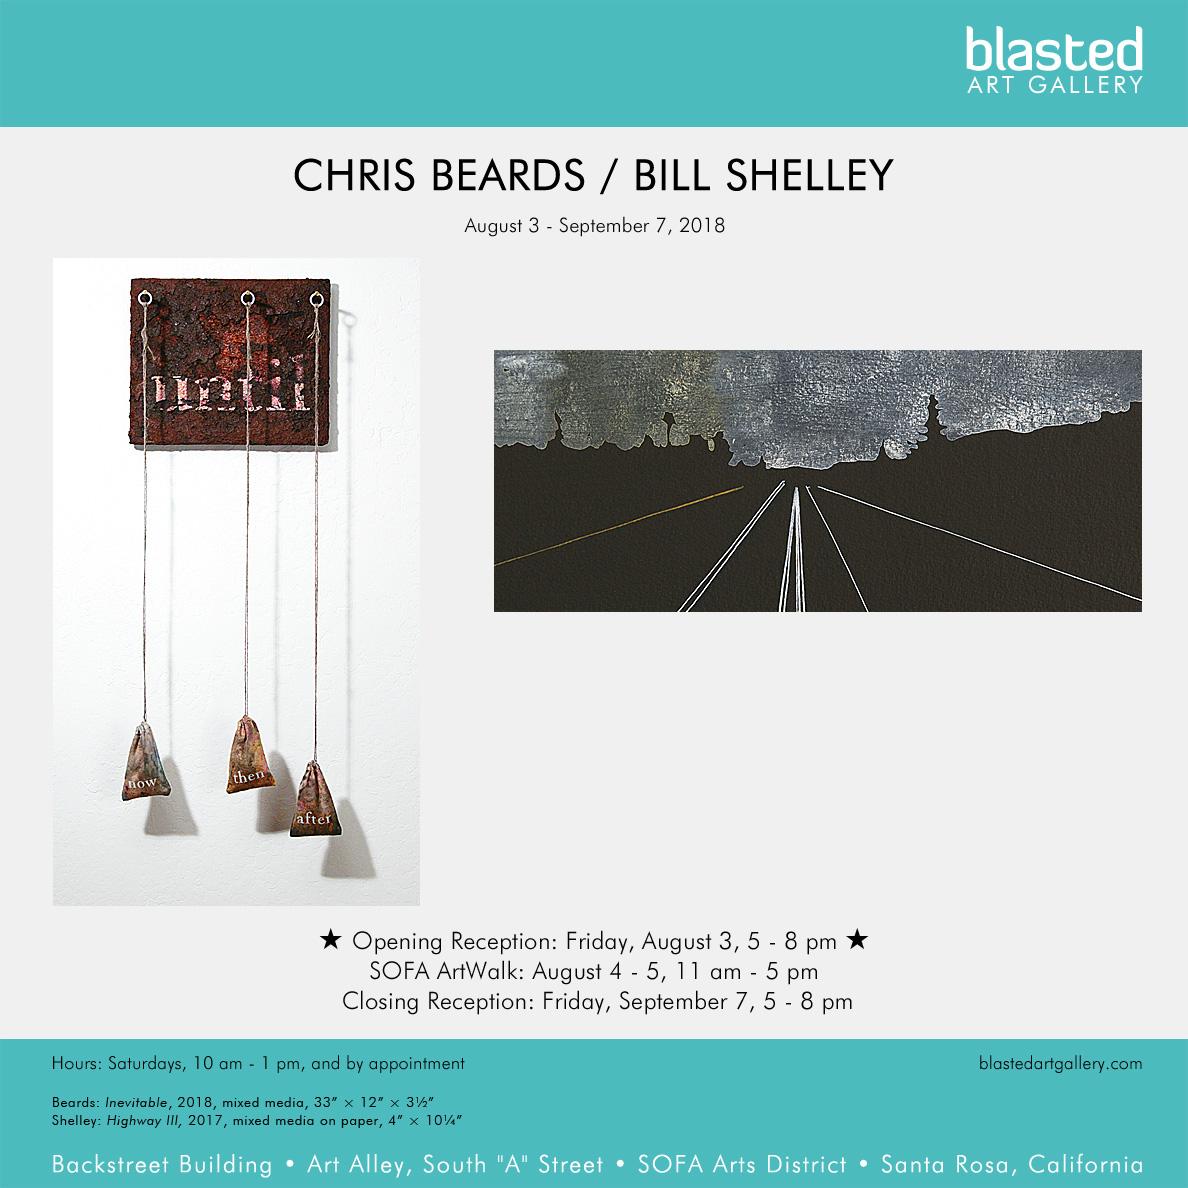 Chris Beards / Bill Shelley 2018